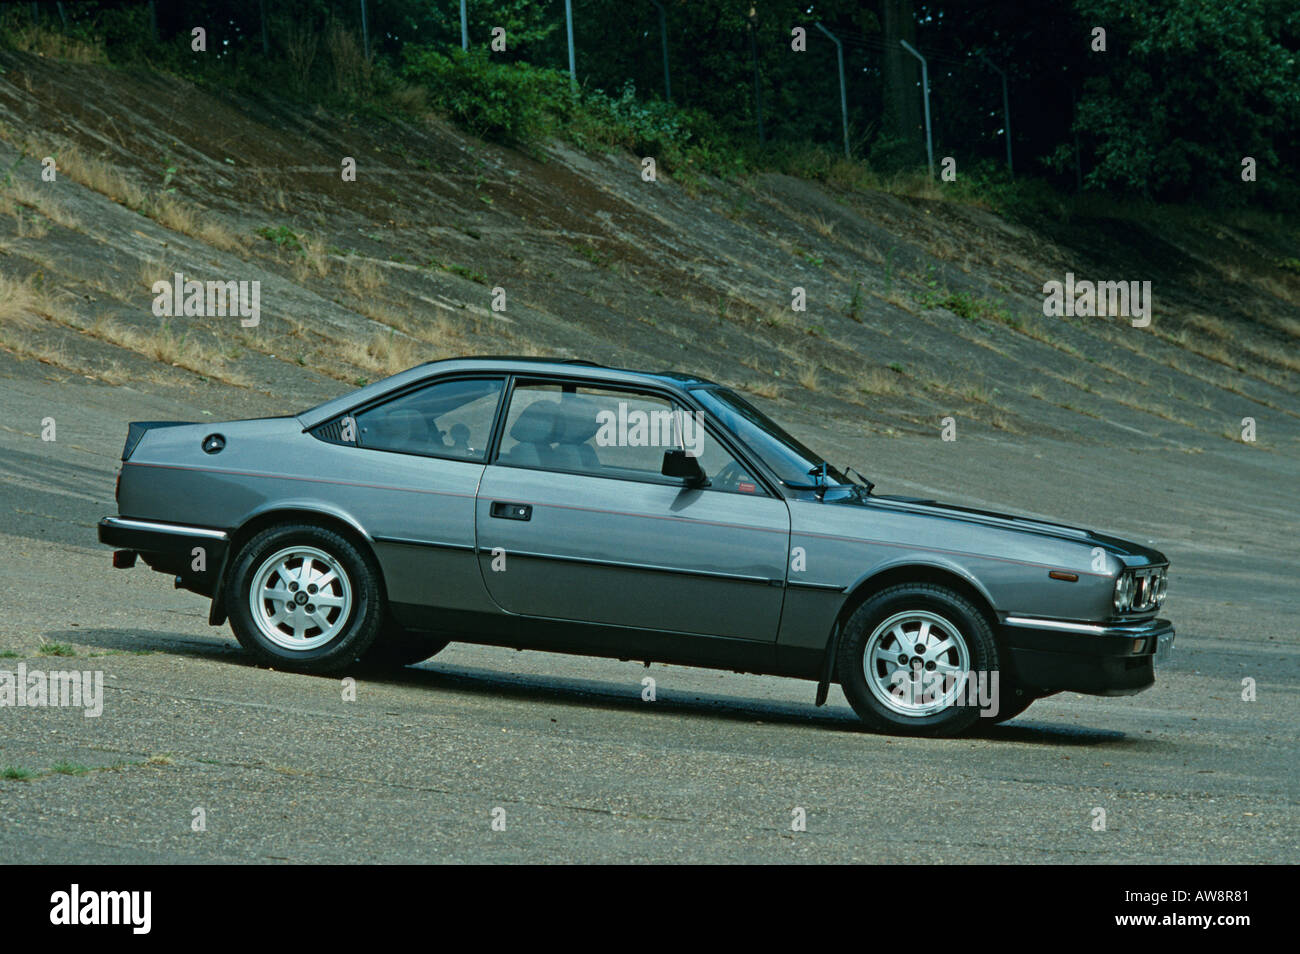 Lancia Beta Coupe 1974 to 1984 - Stock Image